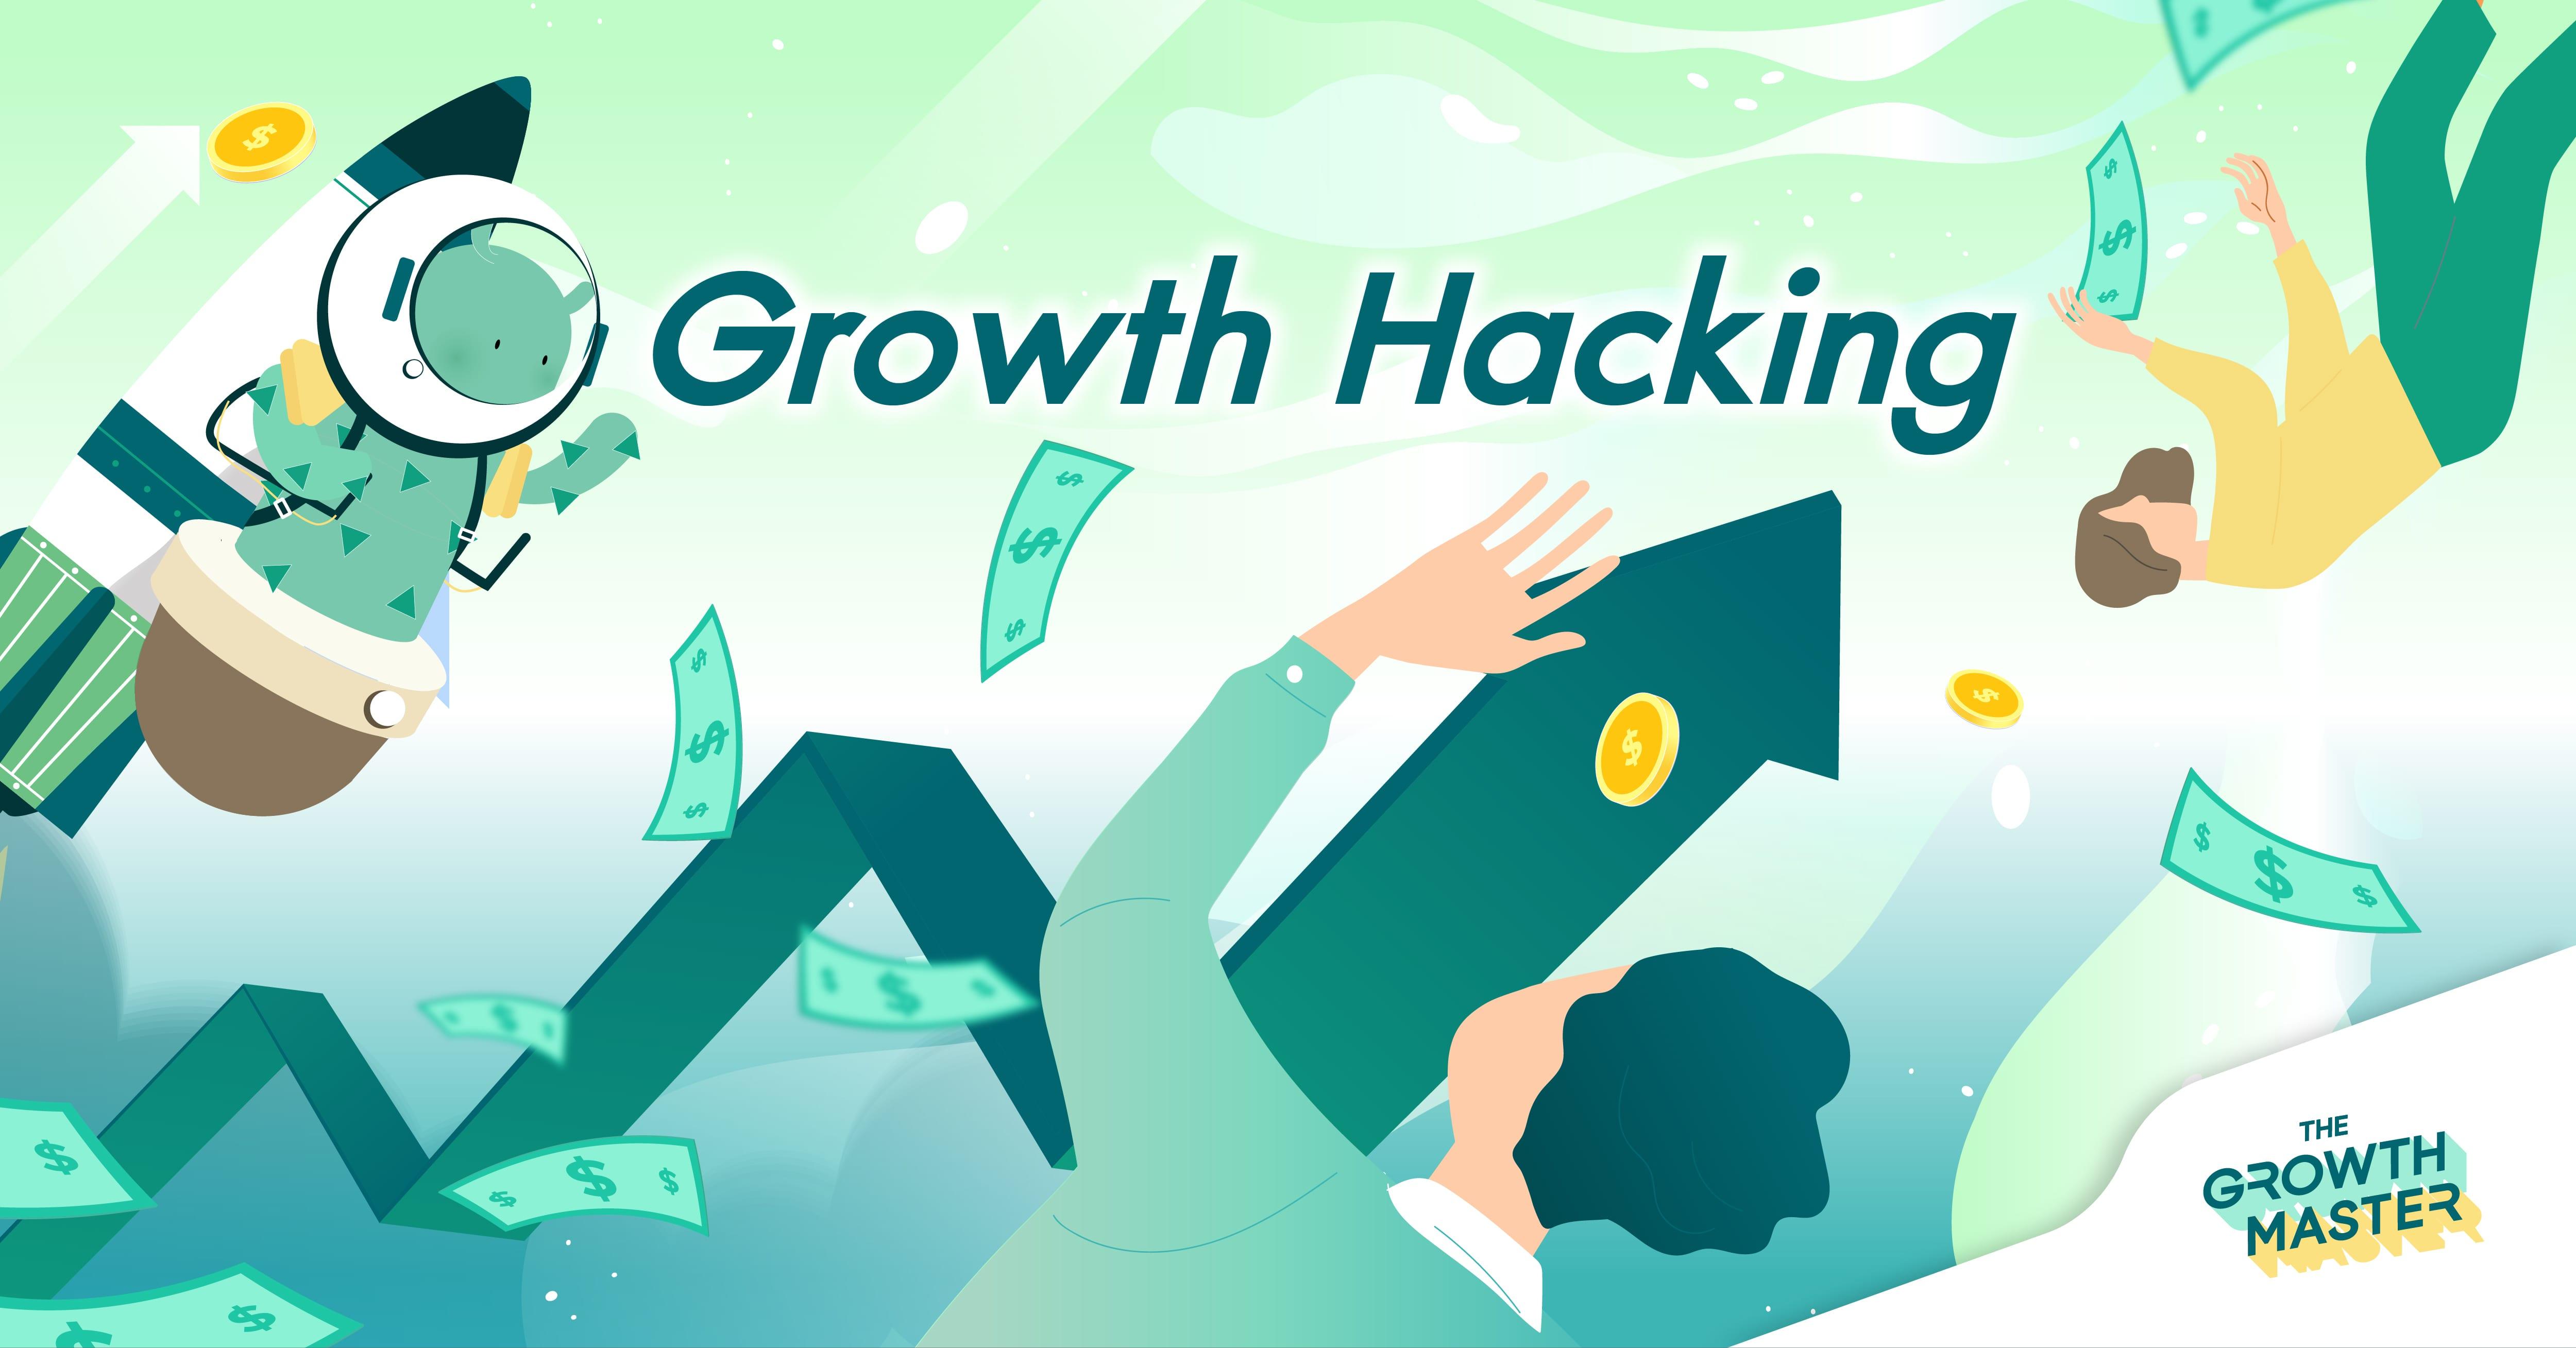 Growth Hacking คืออะไร ? ทำความรู้จักกลยุทธ์ที่สร้างการเติบโตให้ธุรกิจได้อย่างรวดเร็ว